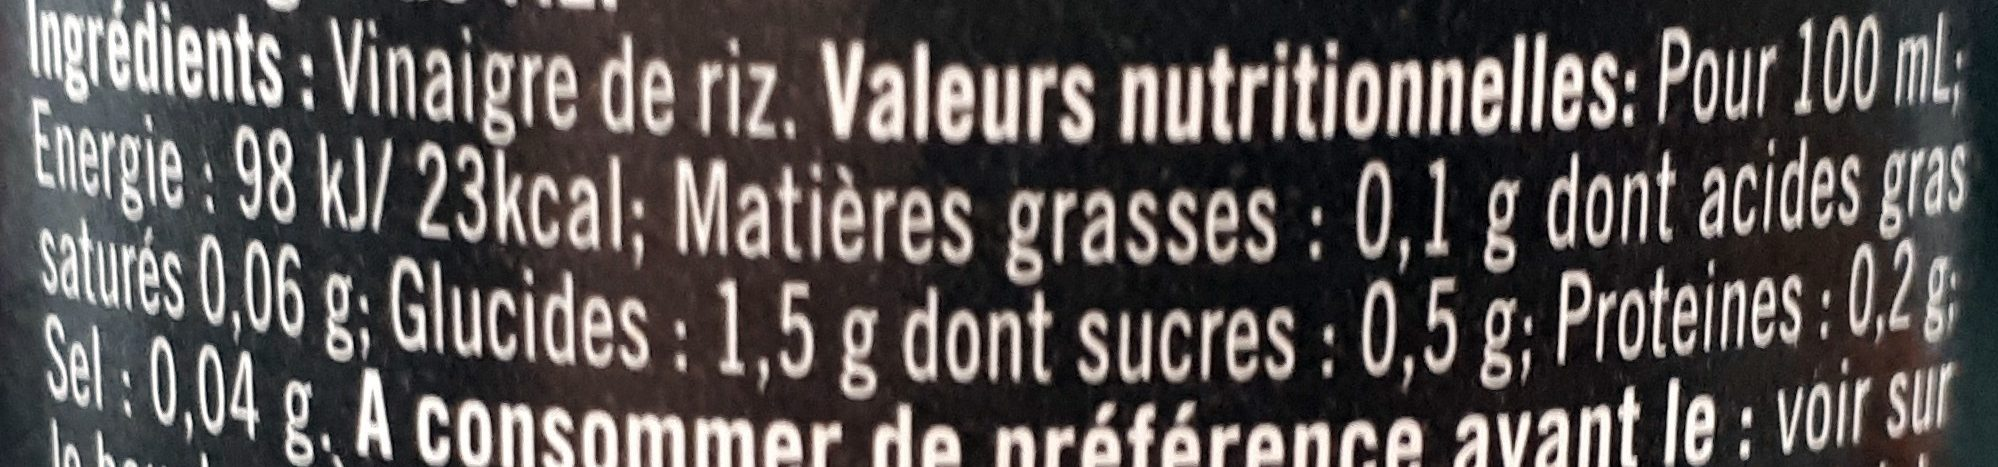 Vinaigre de Riz - Nutrition facts